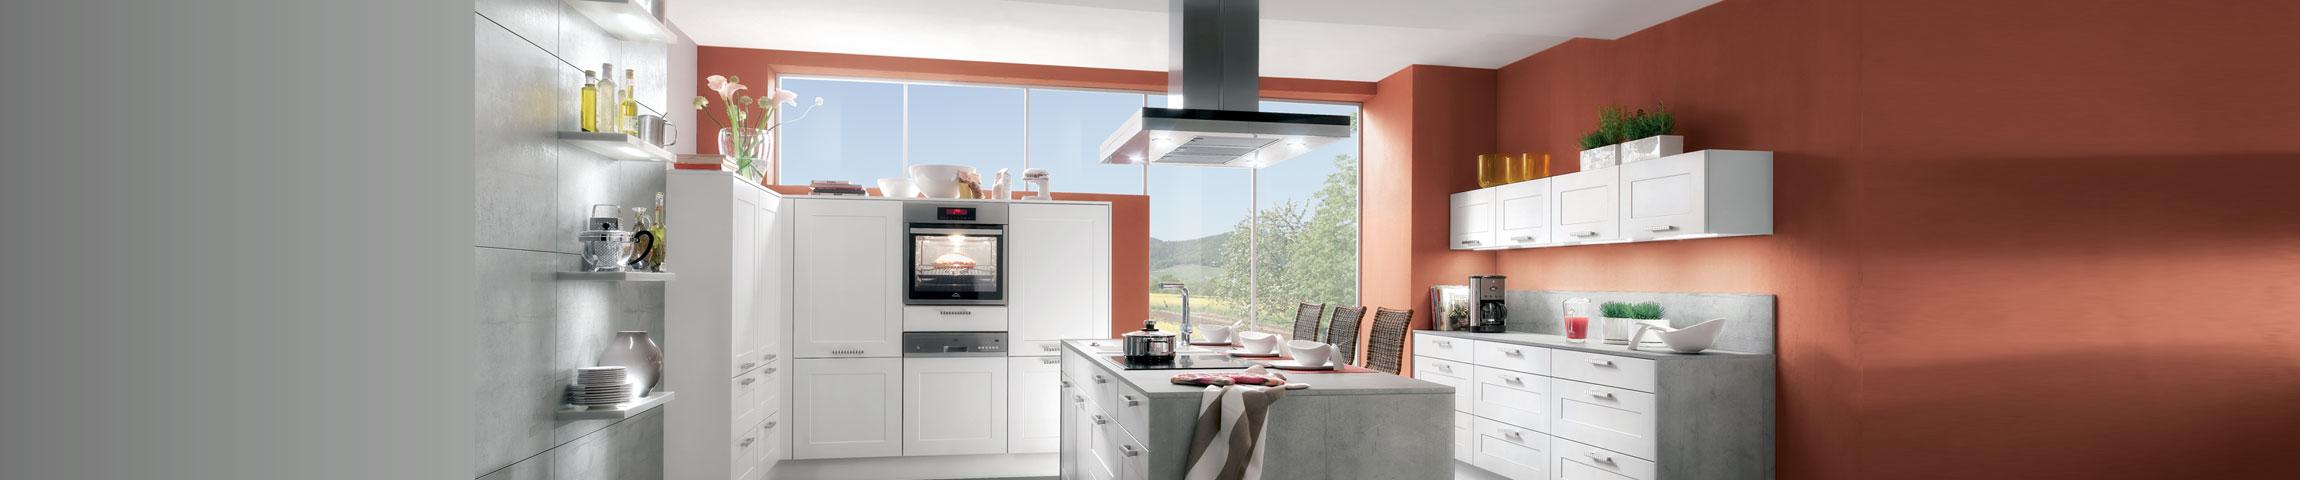 Küchen & Hausgeräte modern - preiswert- energiesparend